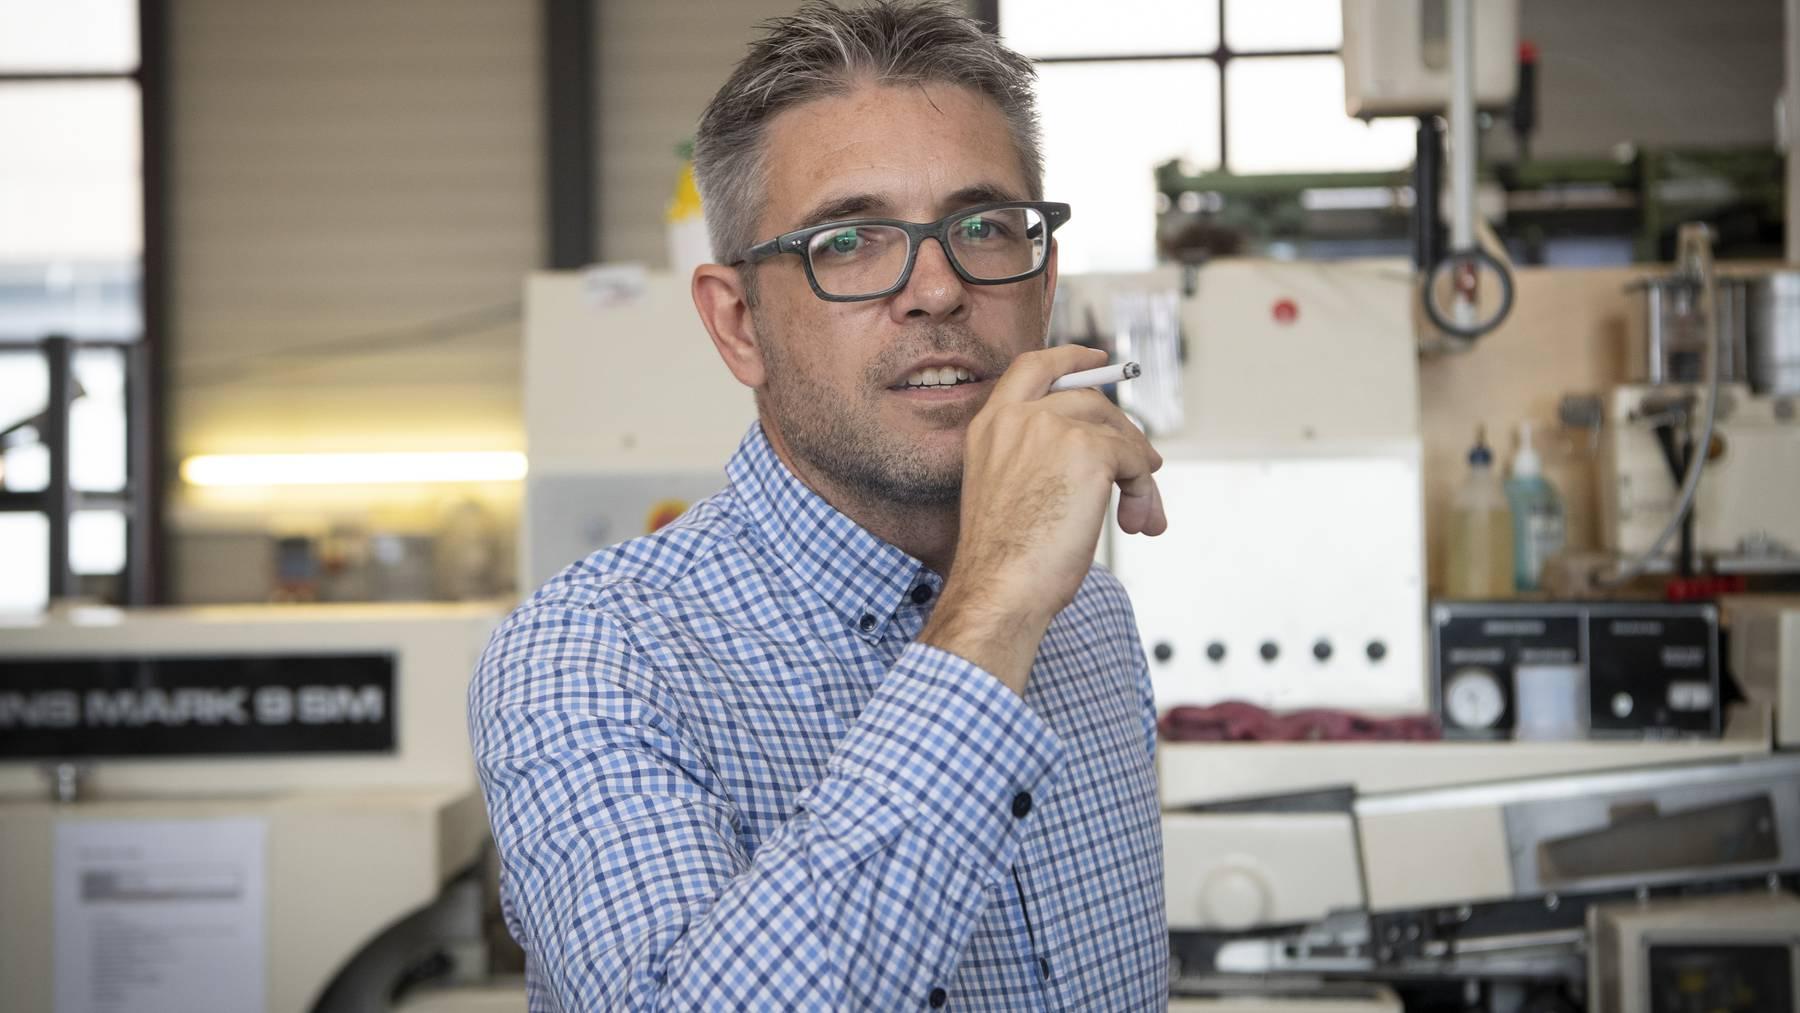 Firmengründer Roger Koch konnte letzten Herbst den Konkurs abwenden, nun ist sein Start-up, das die «Heimat»-Zigaretten herstellt, wieder hoch im Kurs.